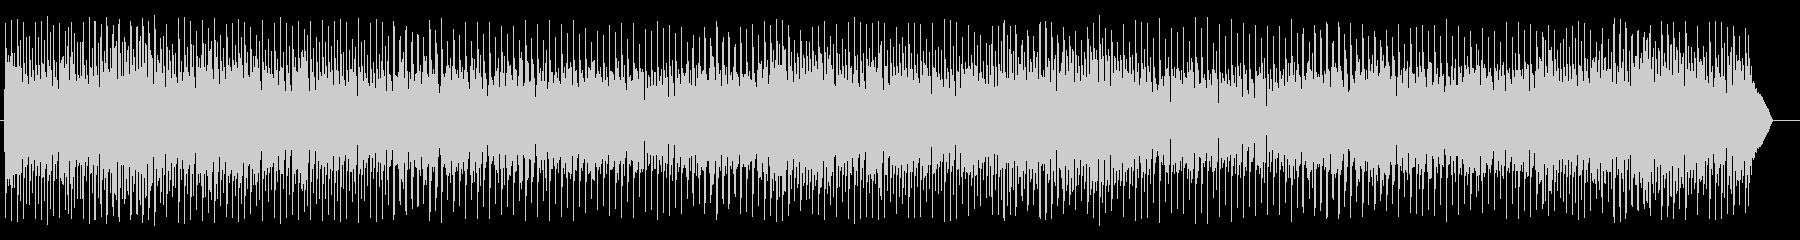 楽しげな和風のシンセ弦楽器サウンドの未再生の波形